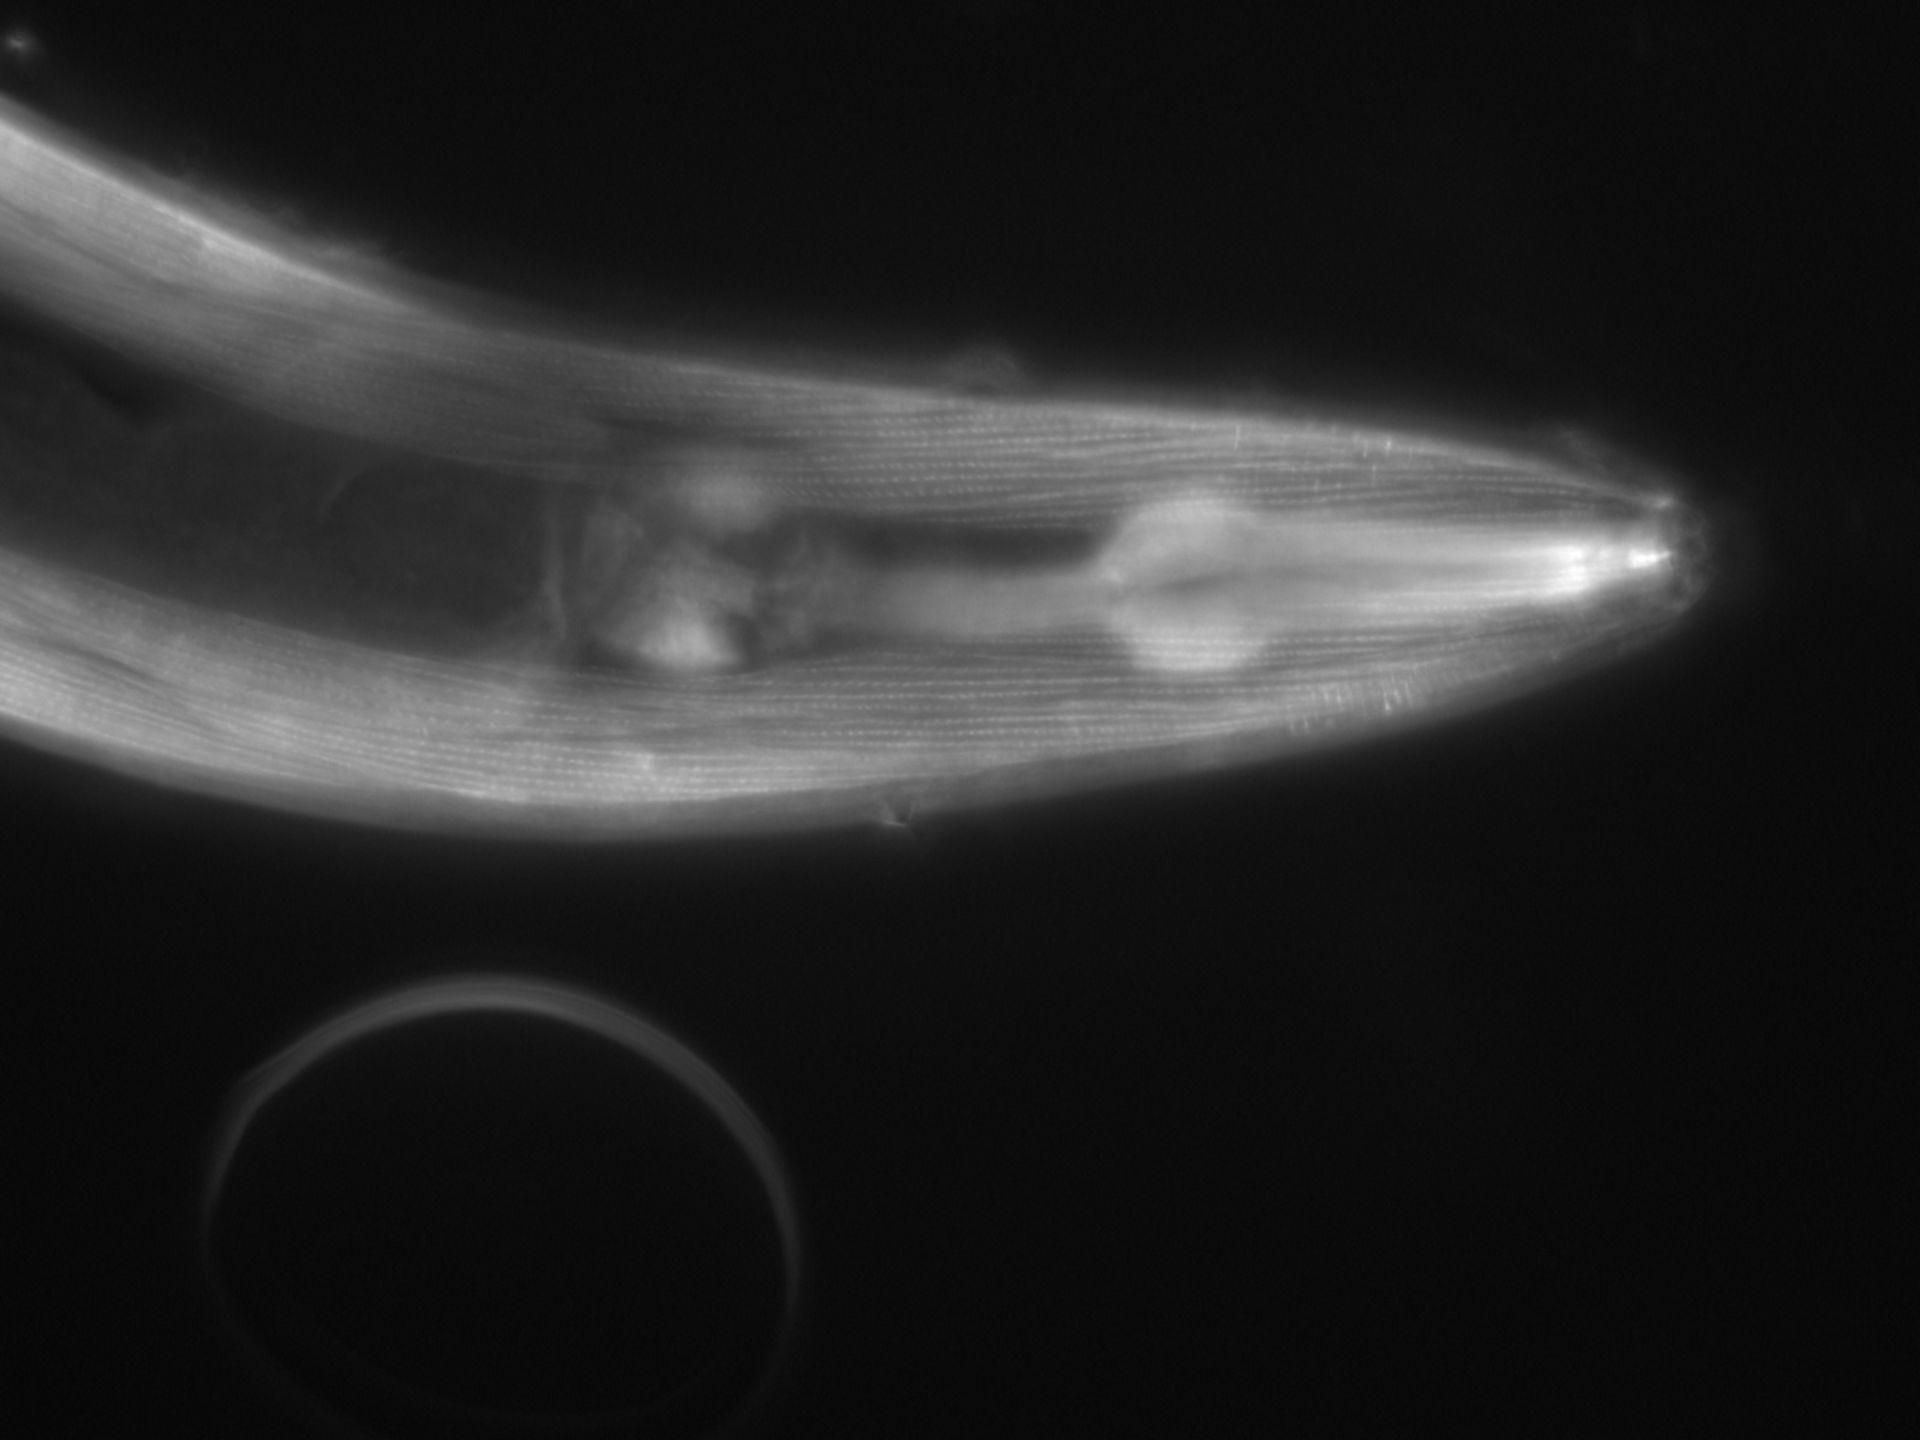 Caenorhabditis elegans (filamento di actina) - CIL:1075